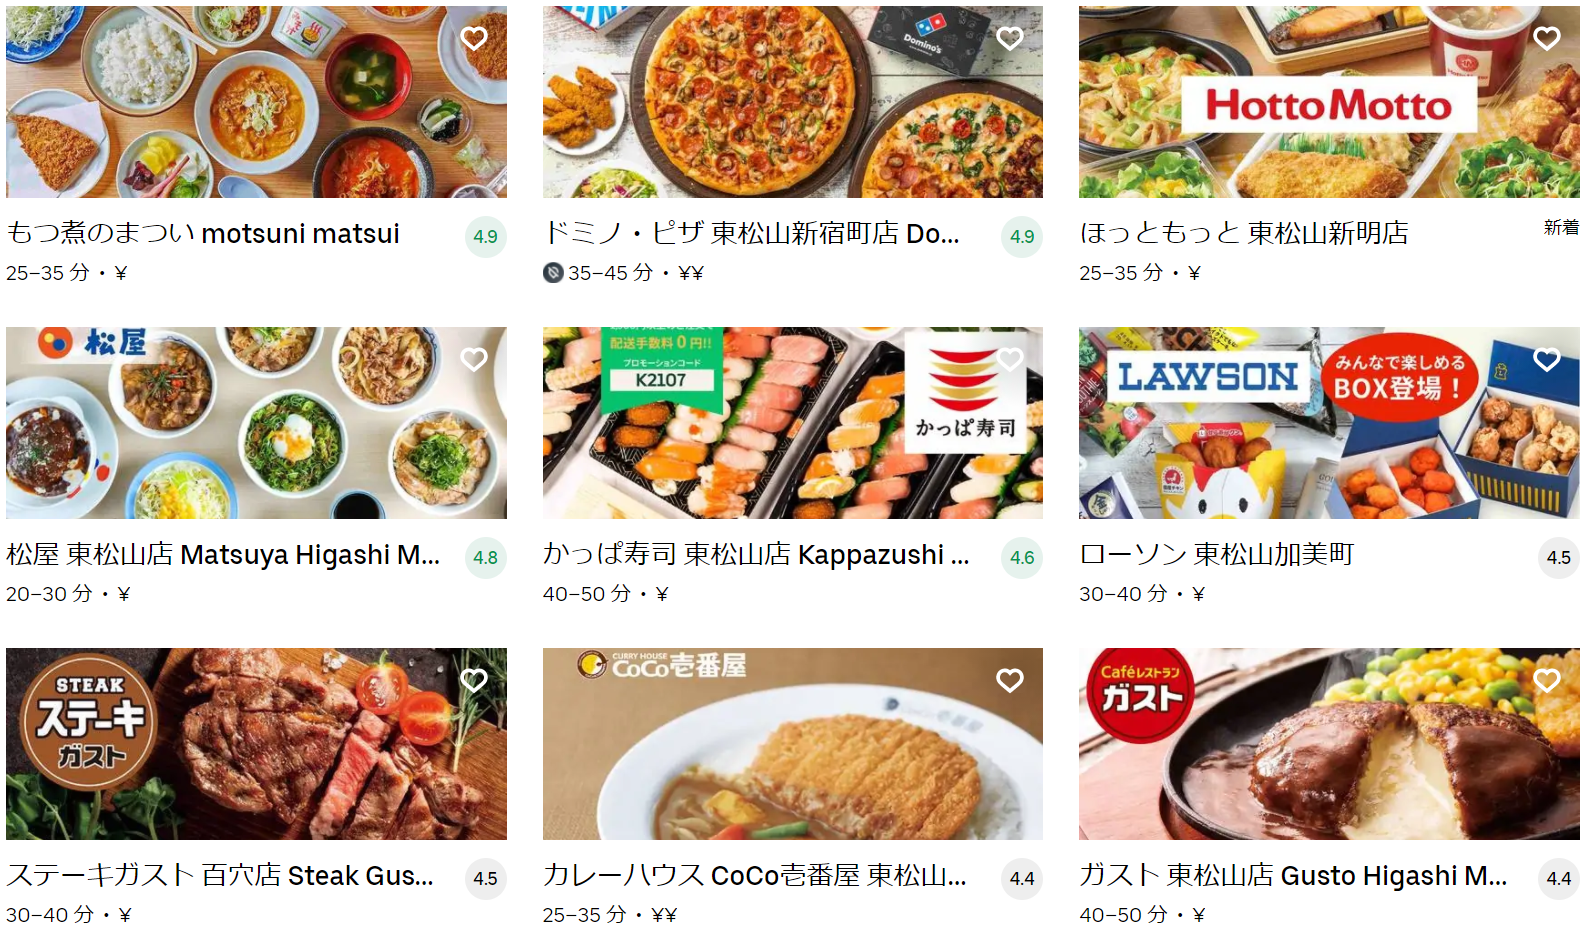 東松山市エリアのおすすめUber Eats(ウーバーイーツ)メニュー